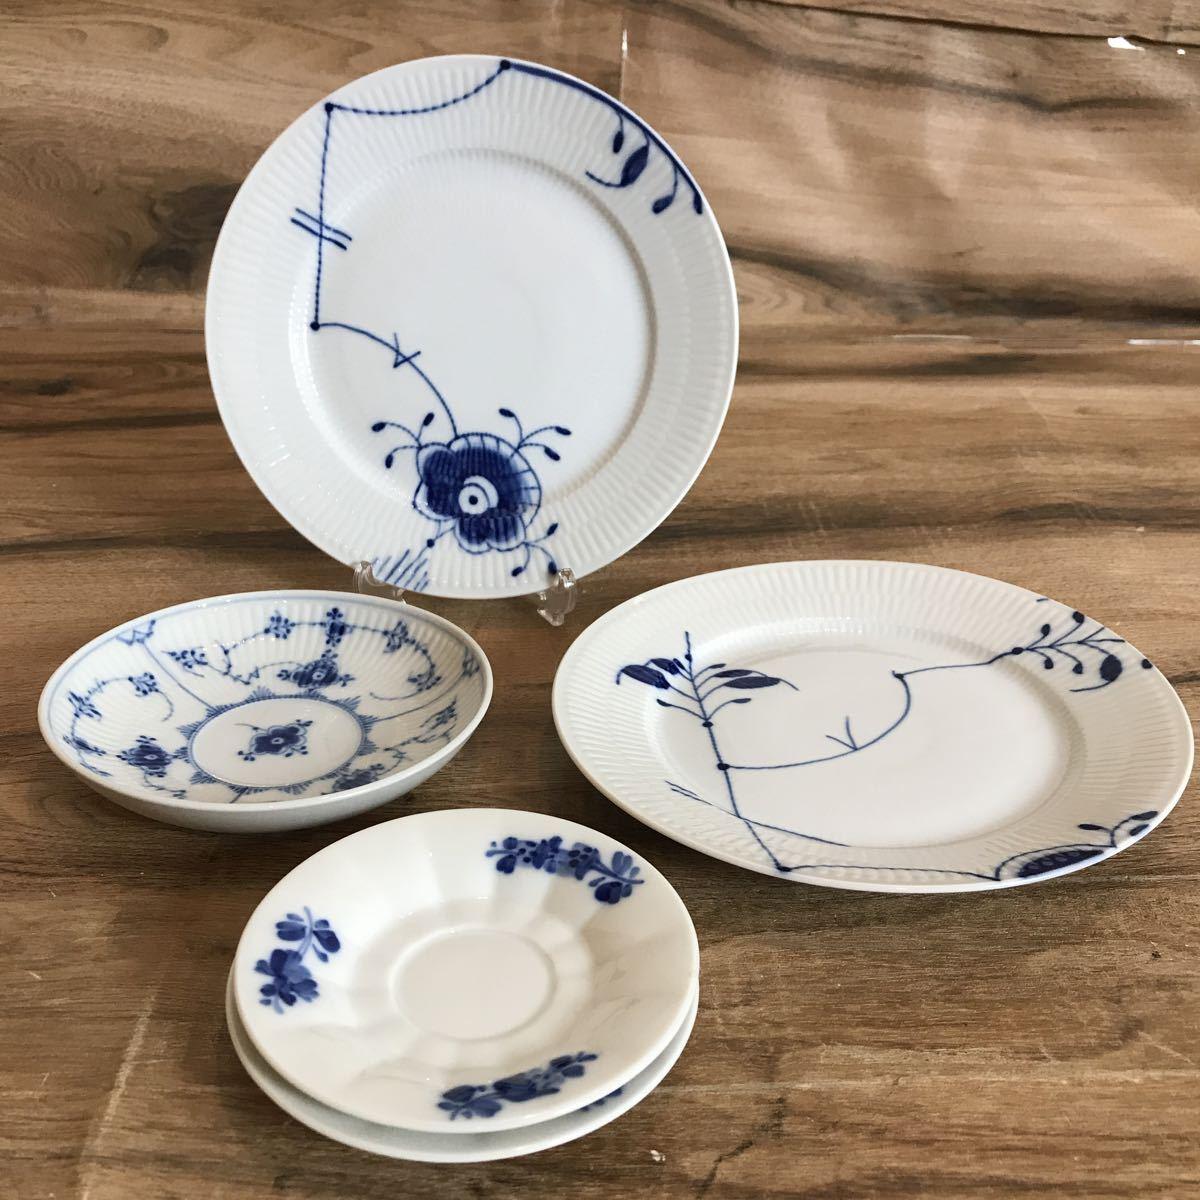 24-255 Y128-972690 ROYAL COPENHAGEN ロイヤルコペンハーゲン ブルーブルーテッド プレート 中皿 お皿 ソーサー 食器